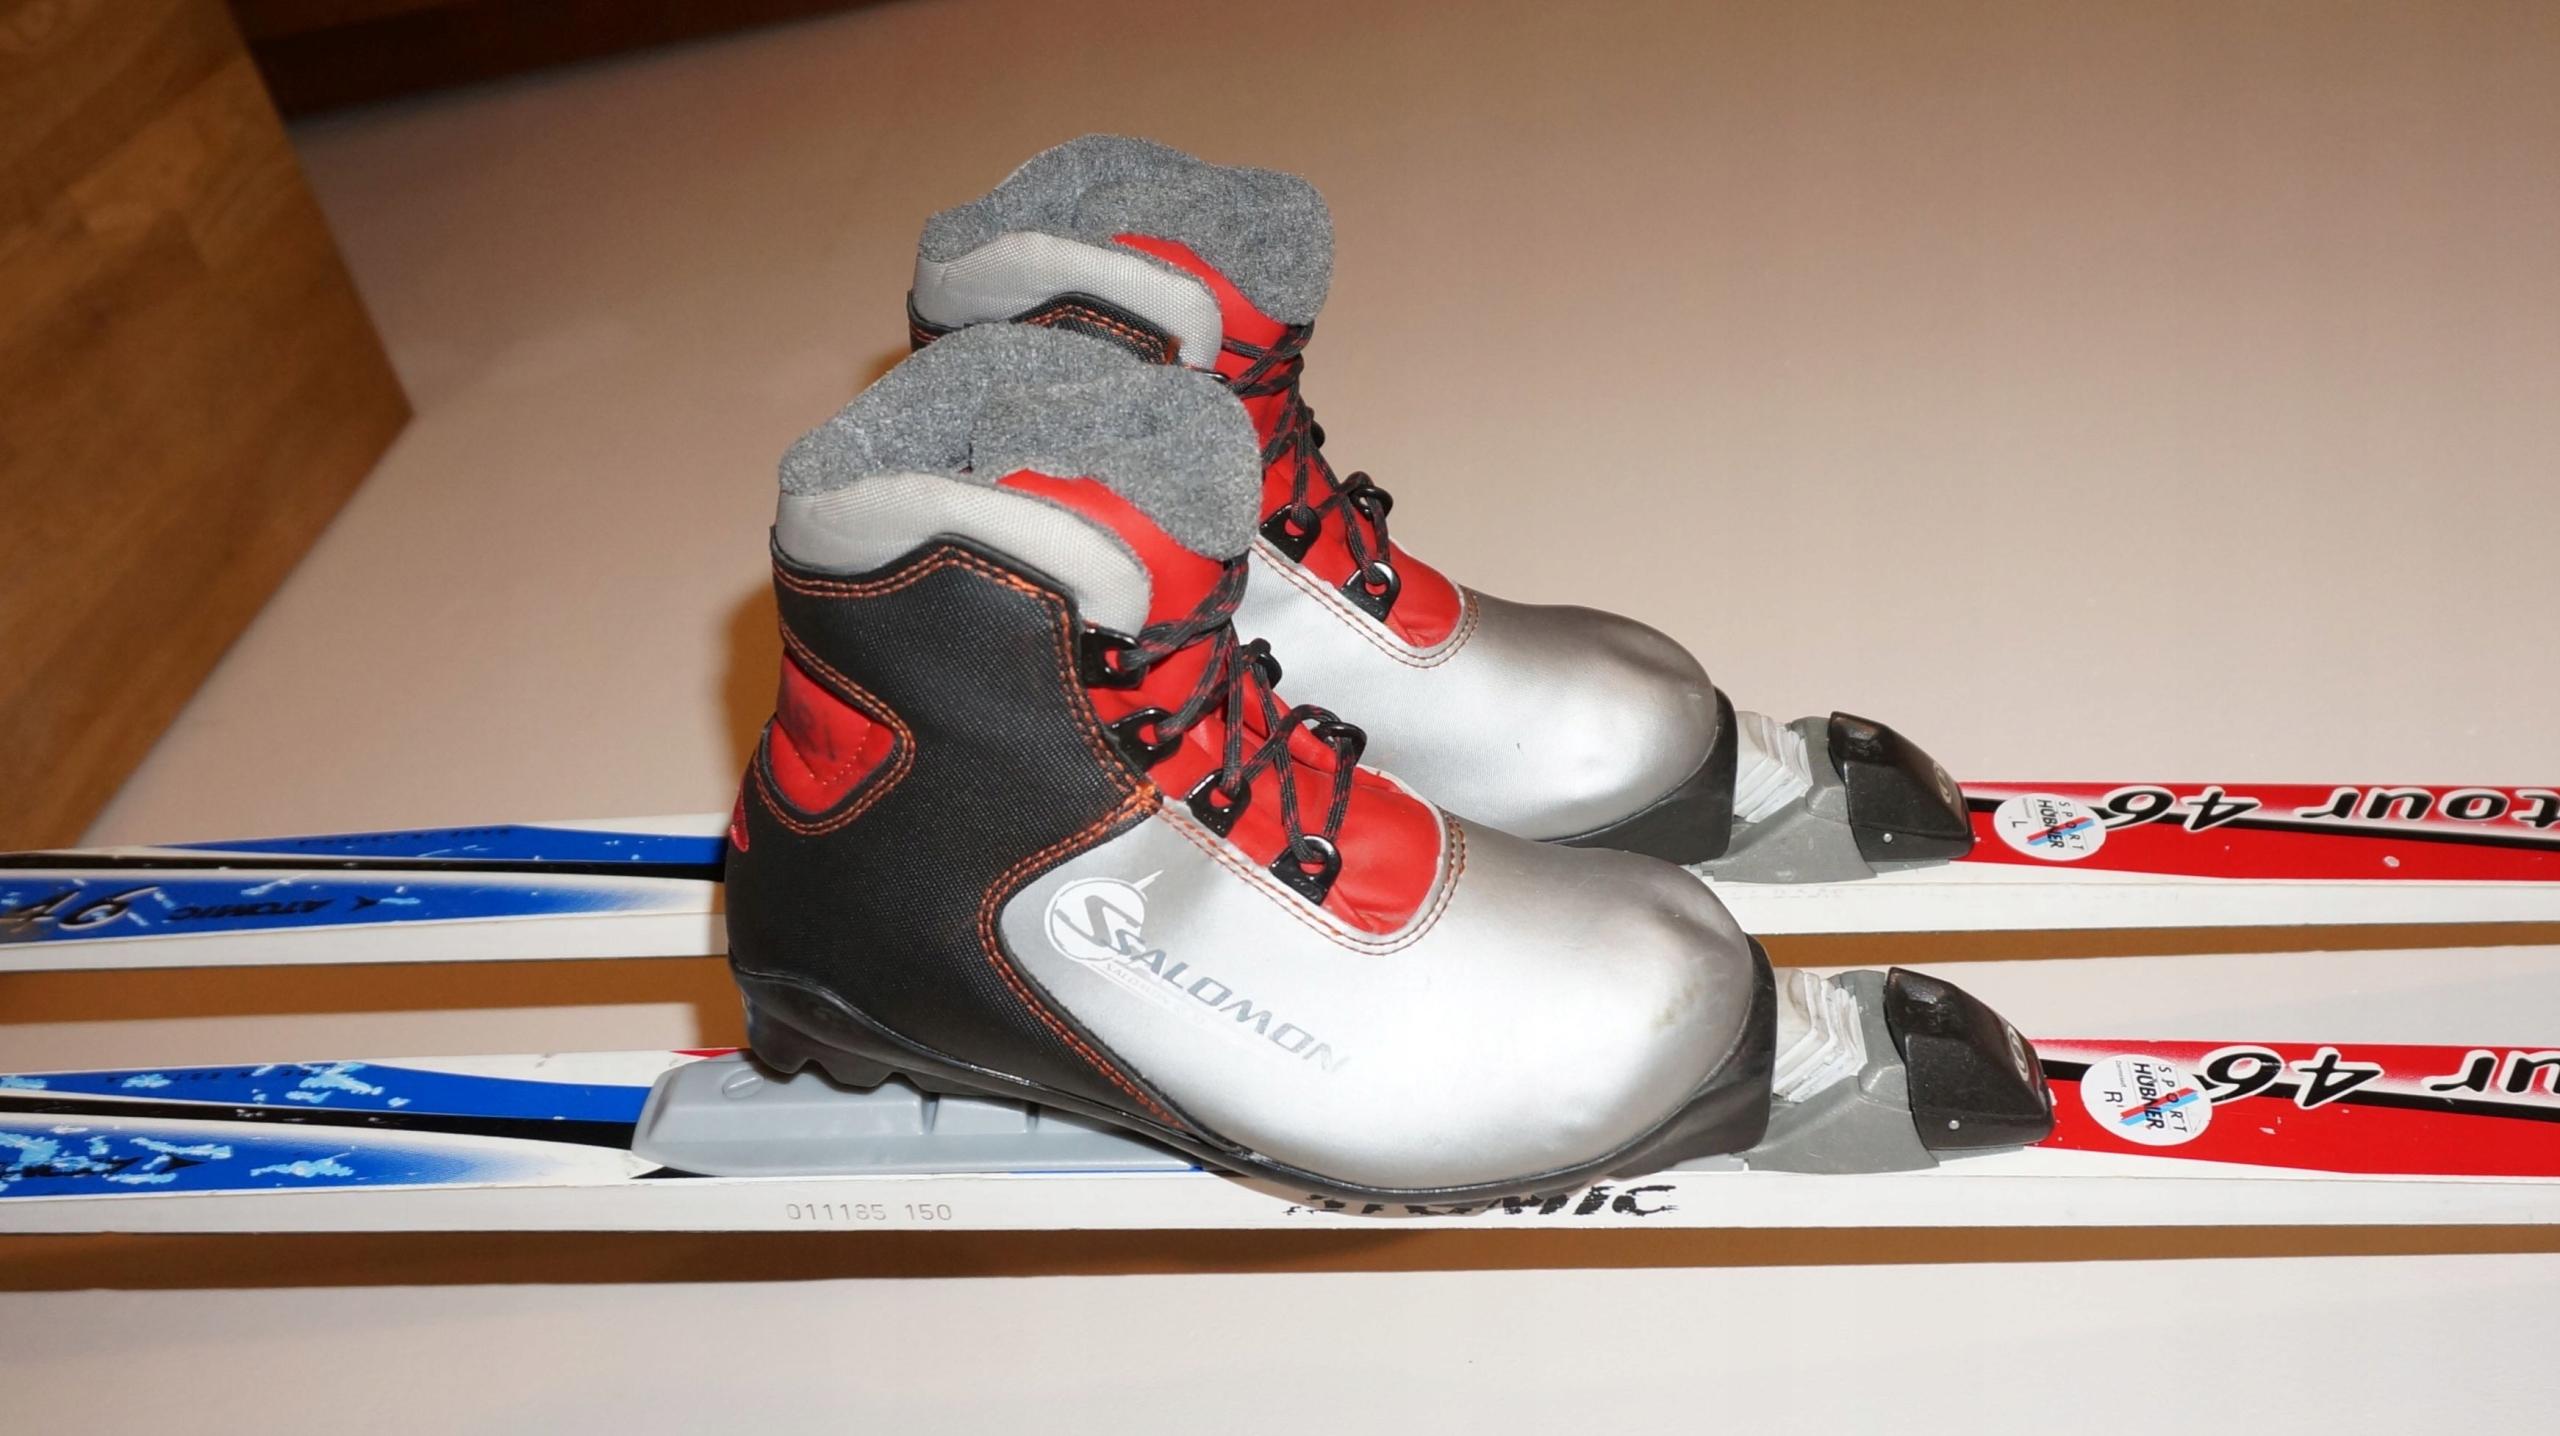 Zestaw 150 cm buty 34 22 cm lub inne SNS Profil